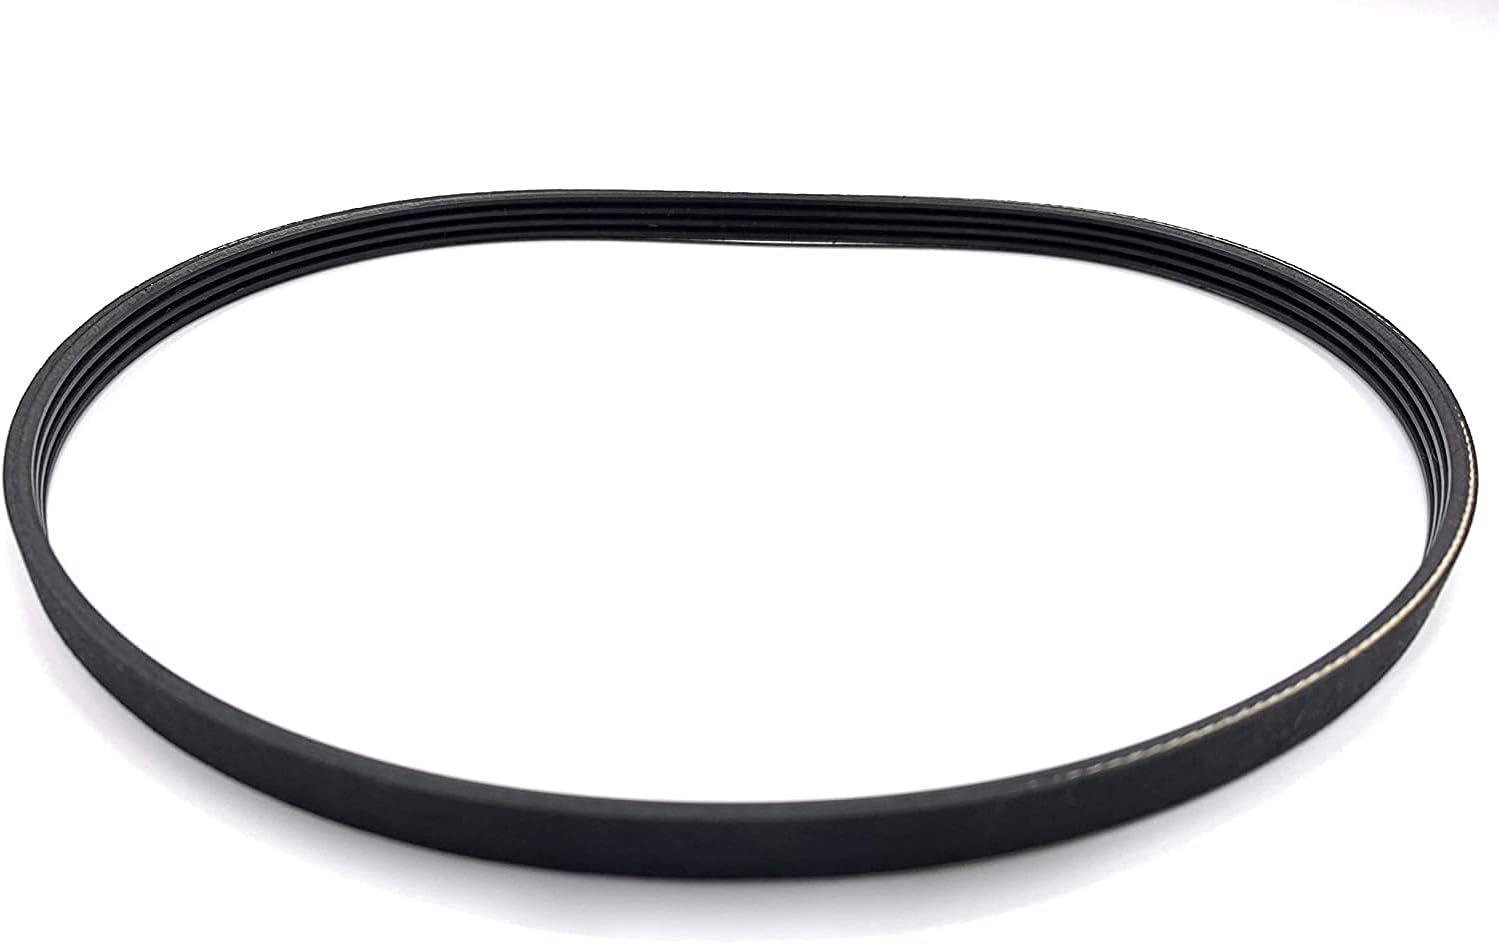 119224010 Fits For Sears Craftsman Regular dealer Saw Band Drive Belt free